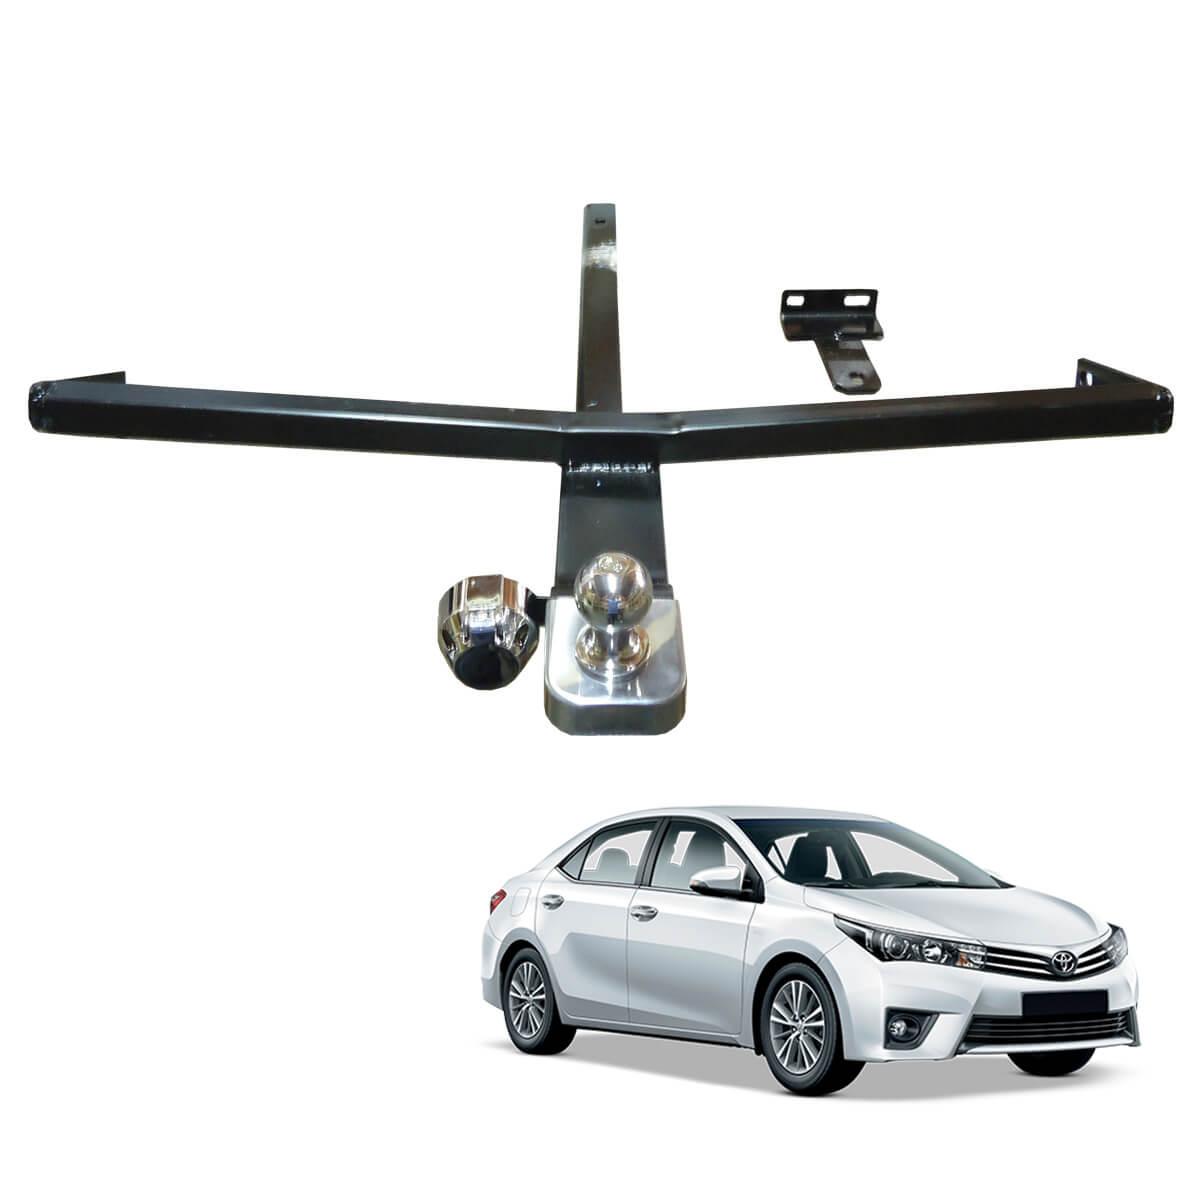 Engate de reboque fixo Corolla 2015 a 2017